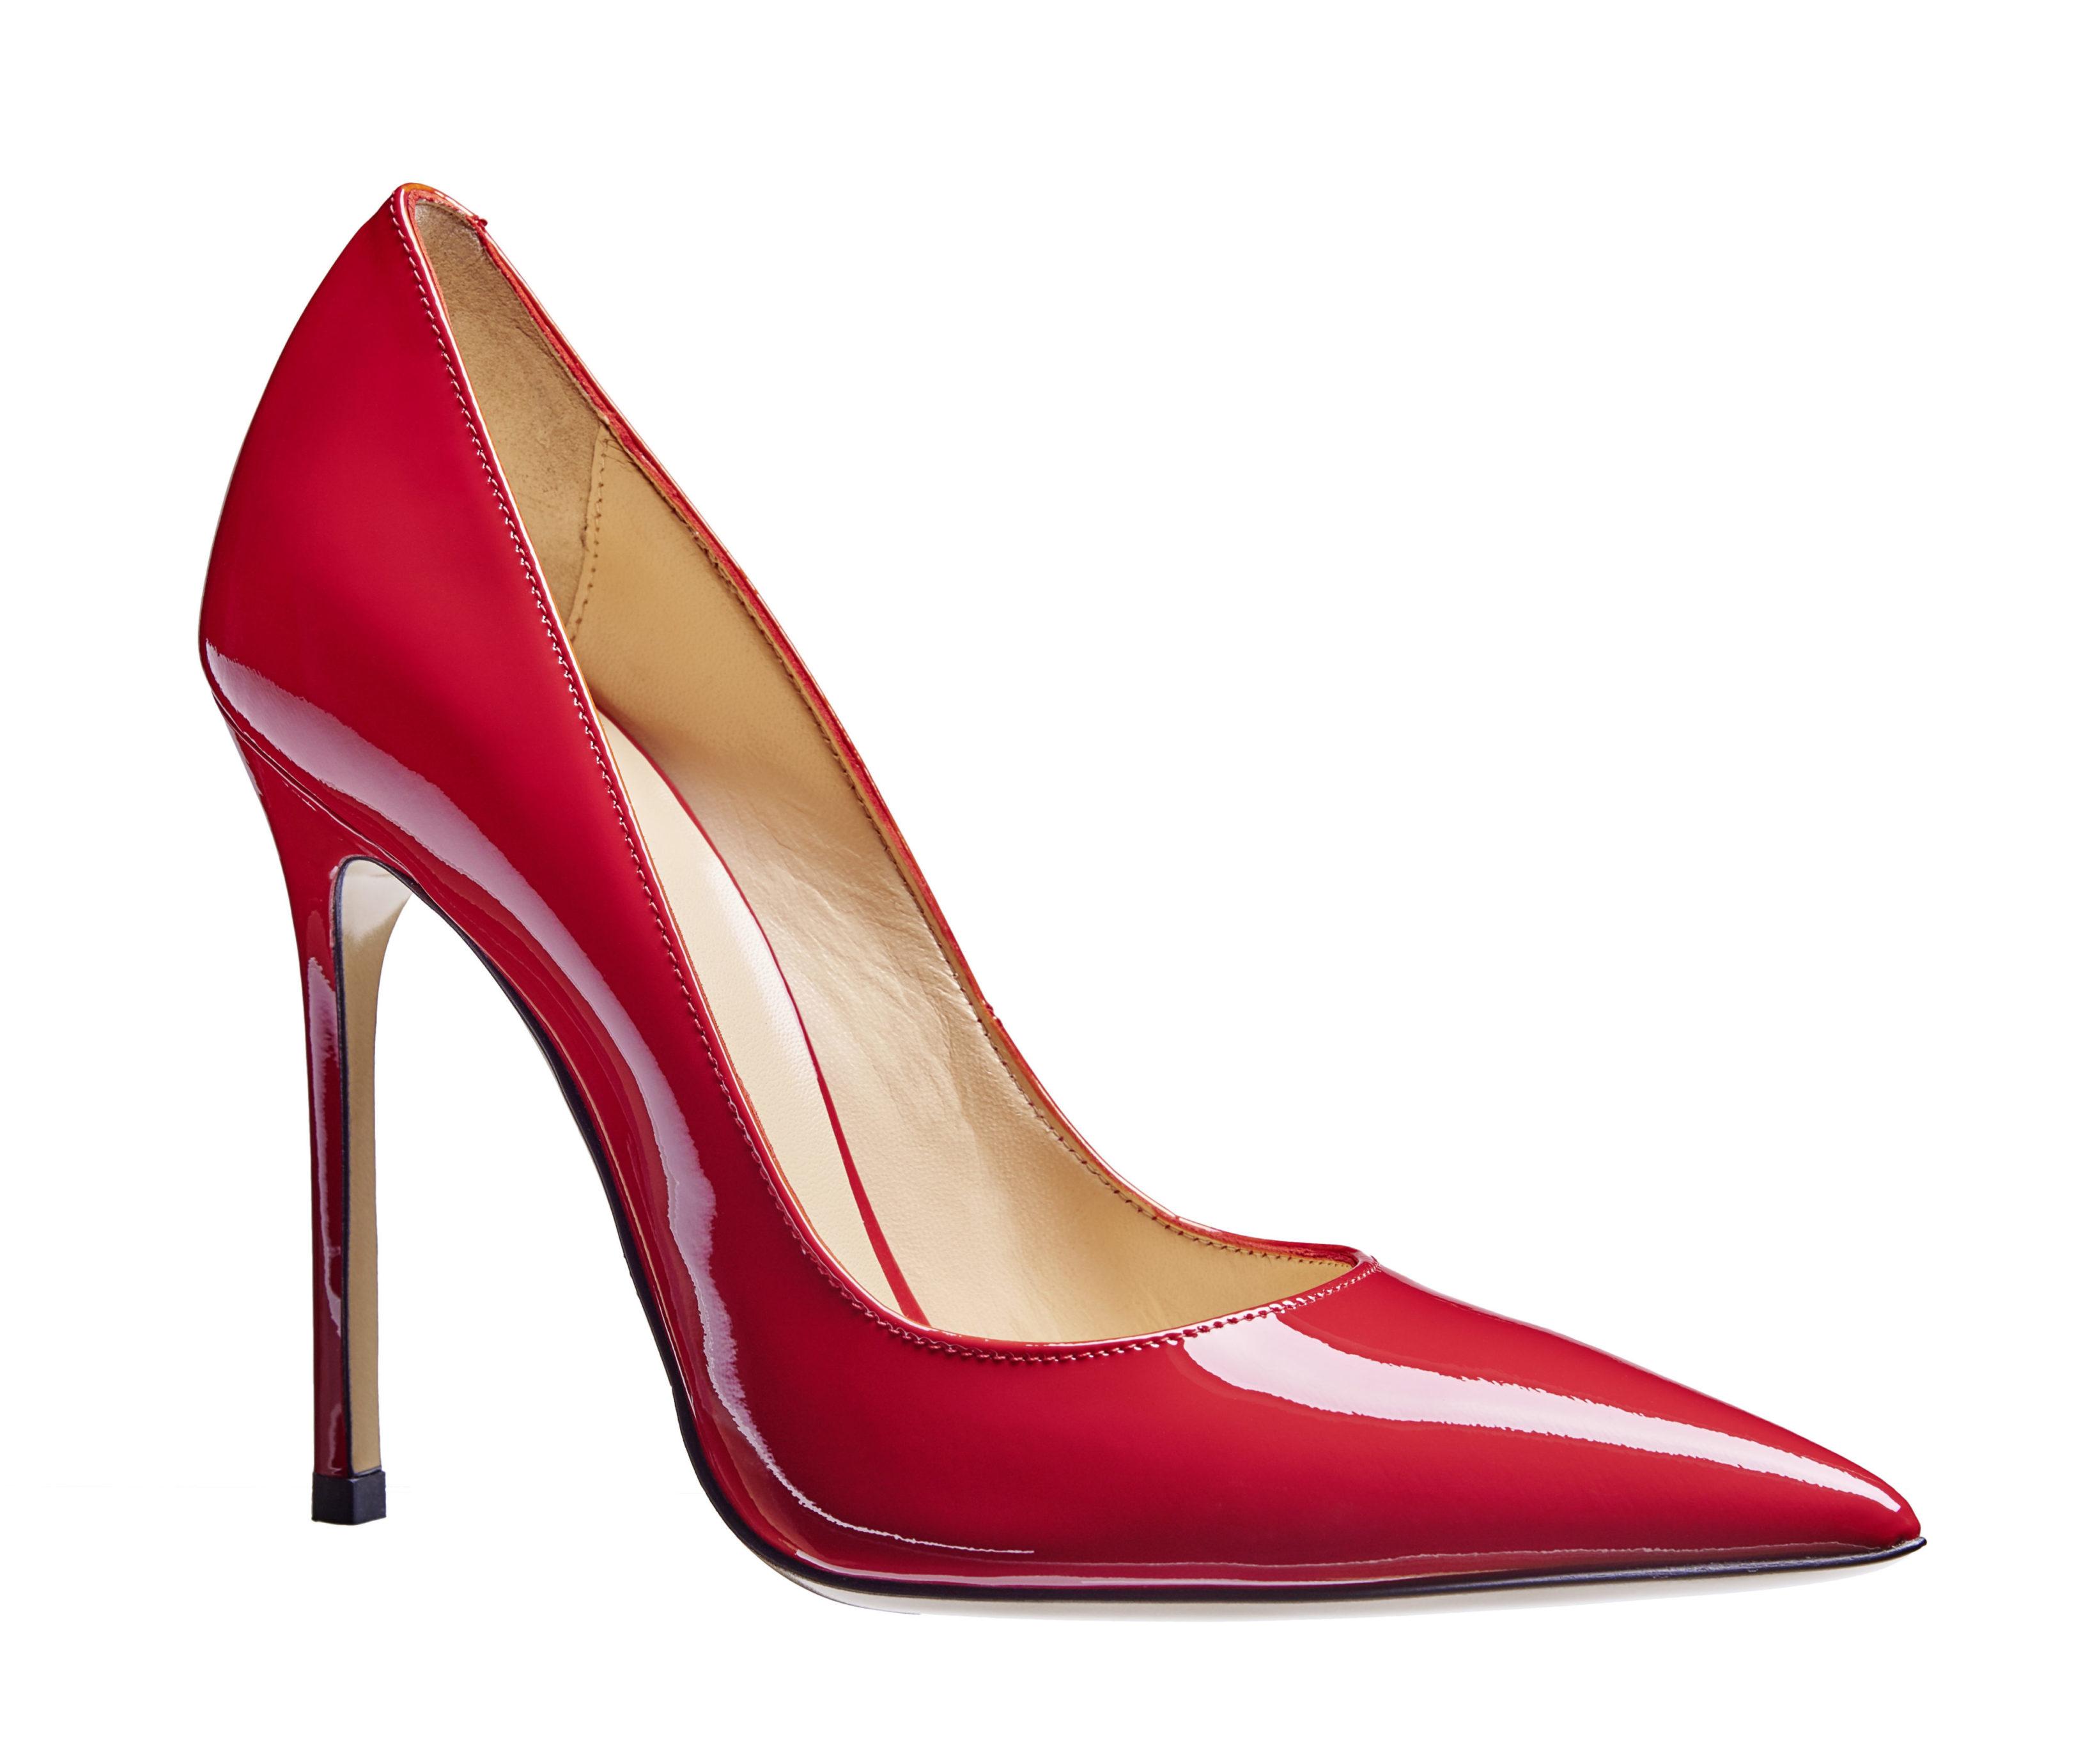 high heel 12 cm lackleder rot soft heels online shop brainshoes wien. Black Bedroom Furniture Sets. Home Design Ideas